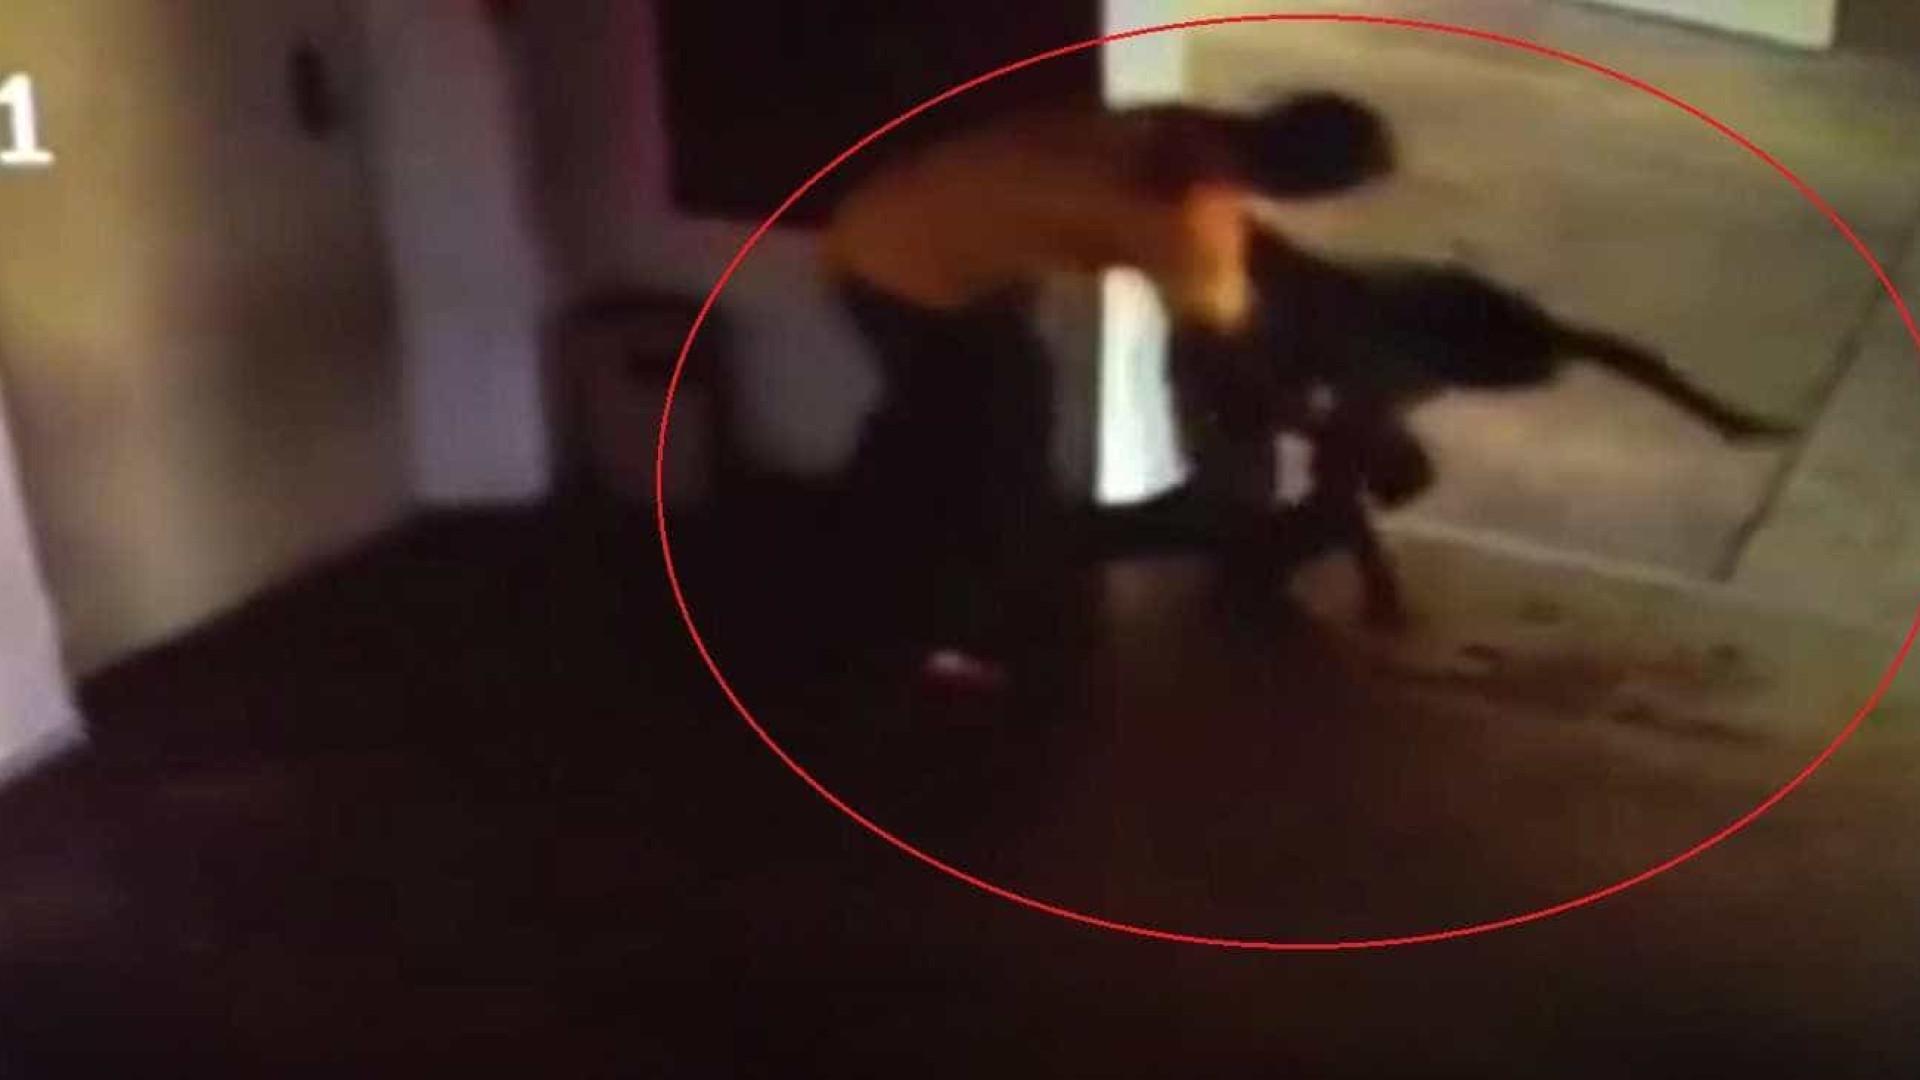 Morador agride violentamente faxineira dentro de prédio; vídeo